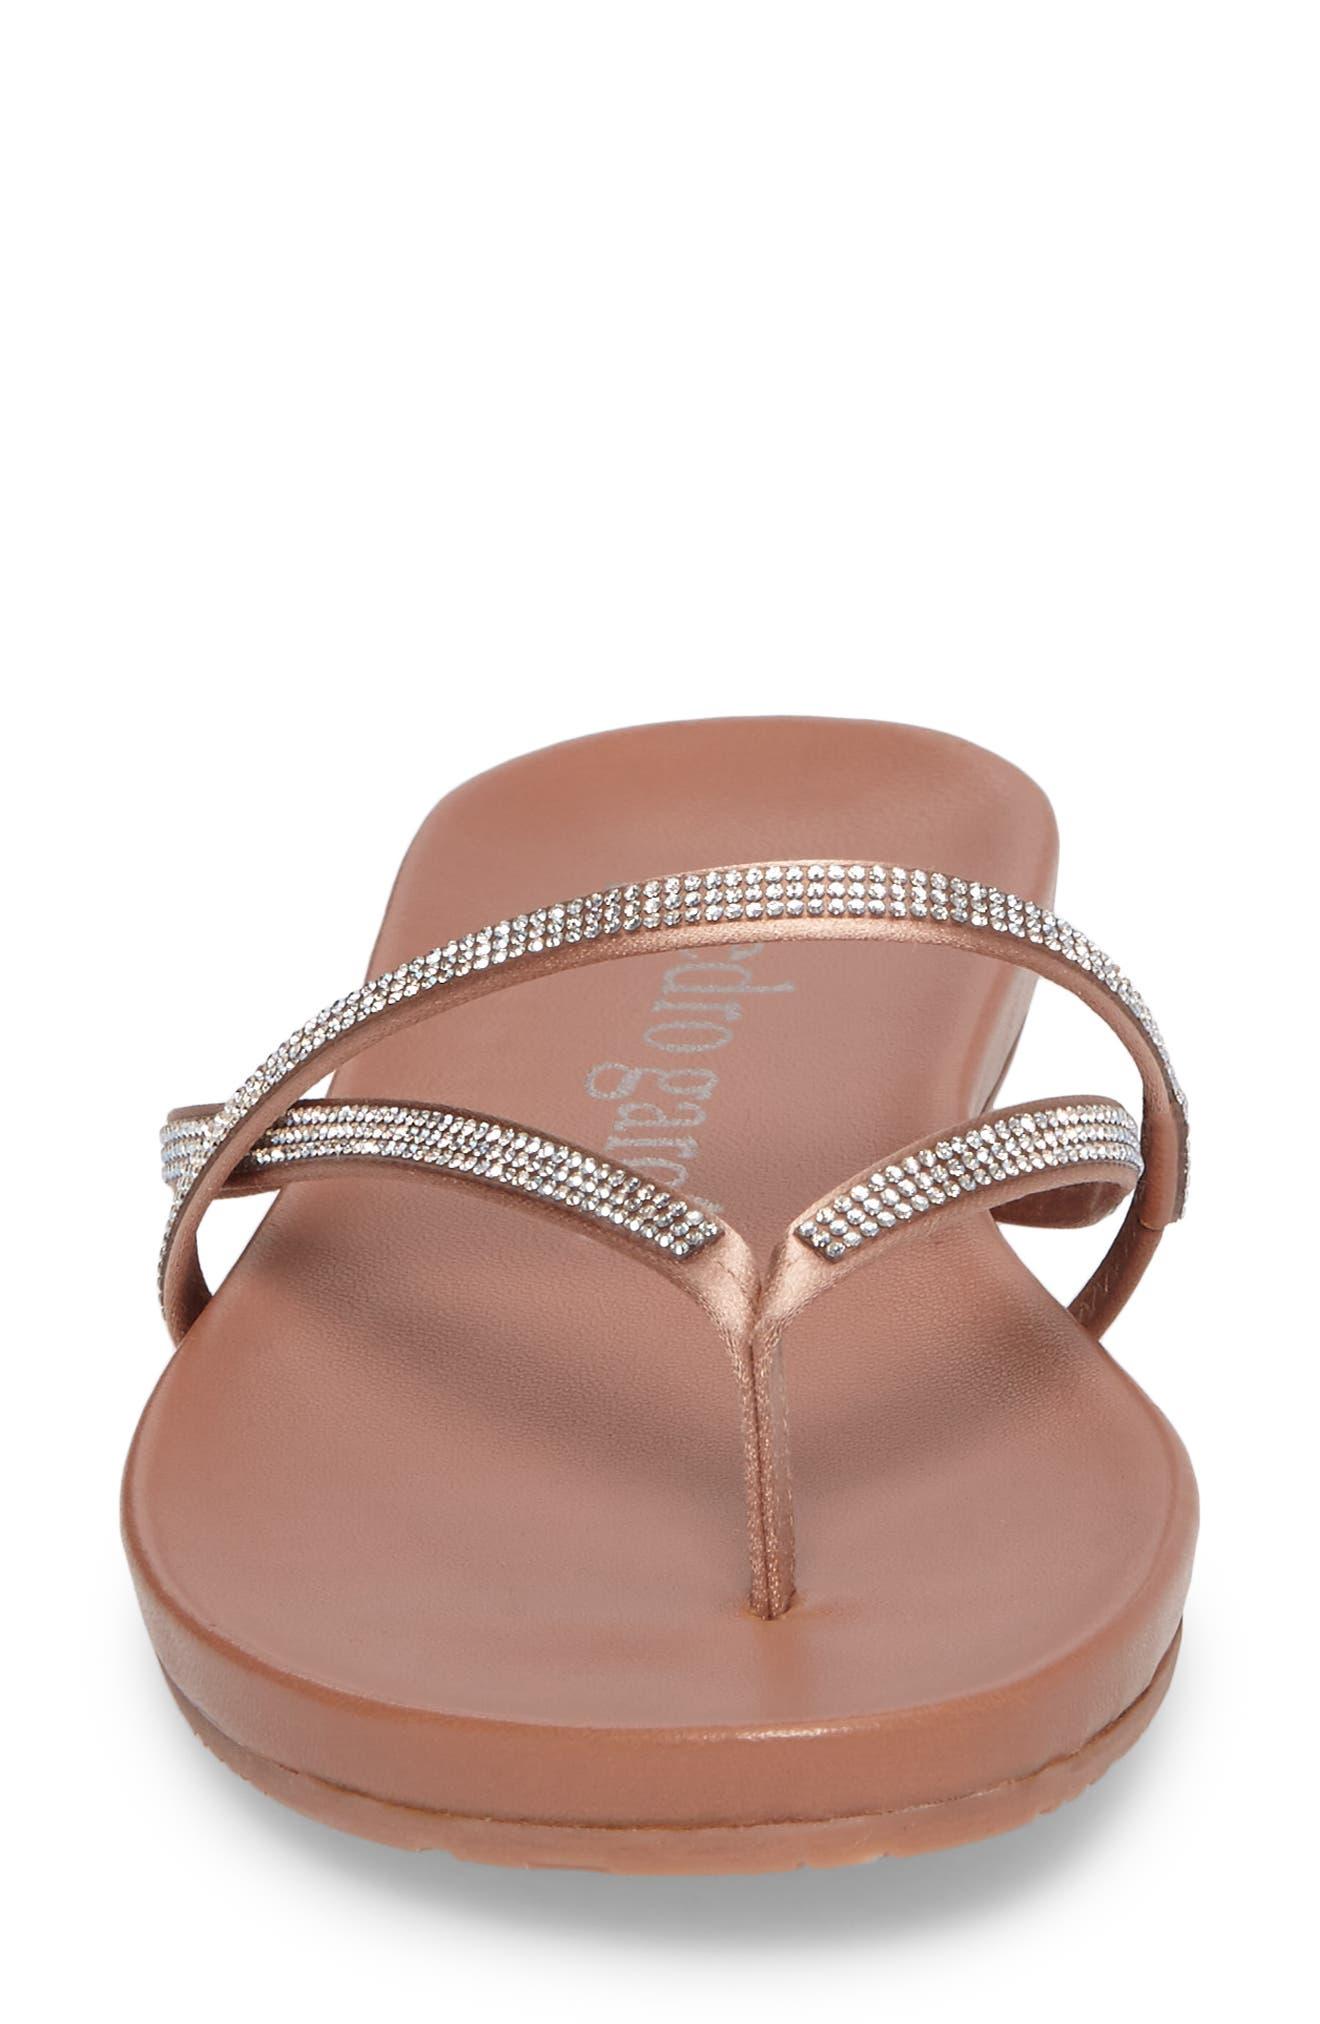 Giulia Crystal Embellished Sandal,                             Alternate thumbnail 4, color,                             Bisque Satin